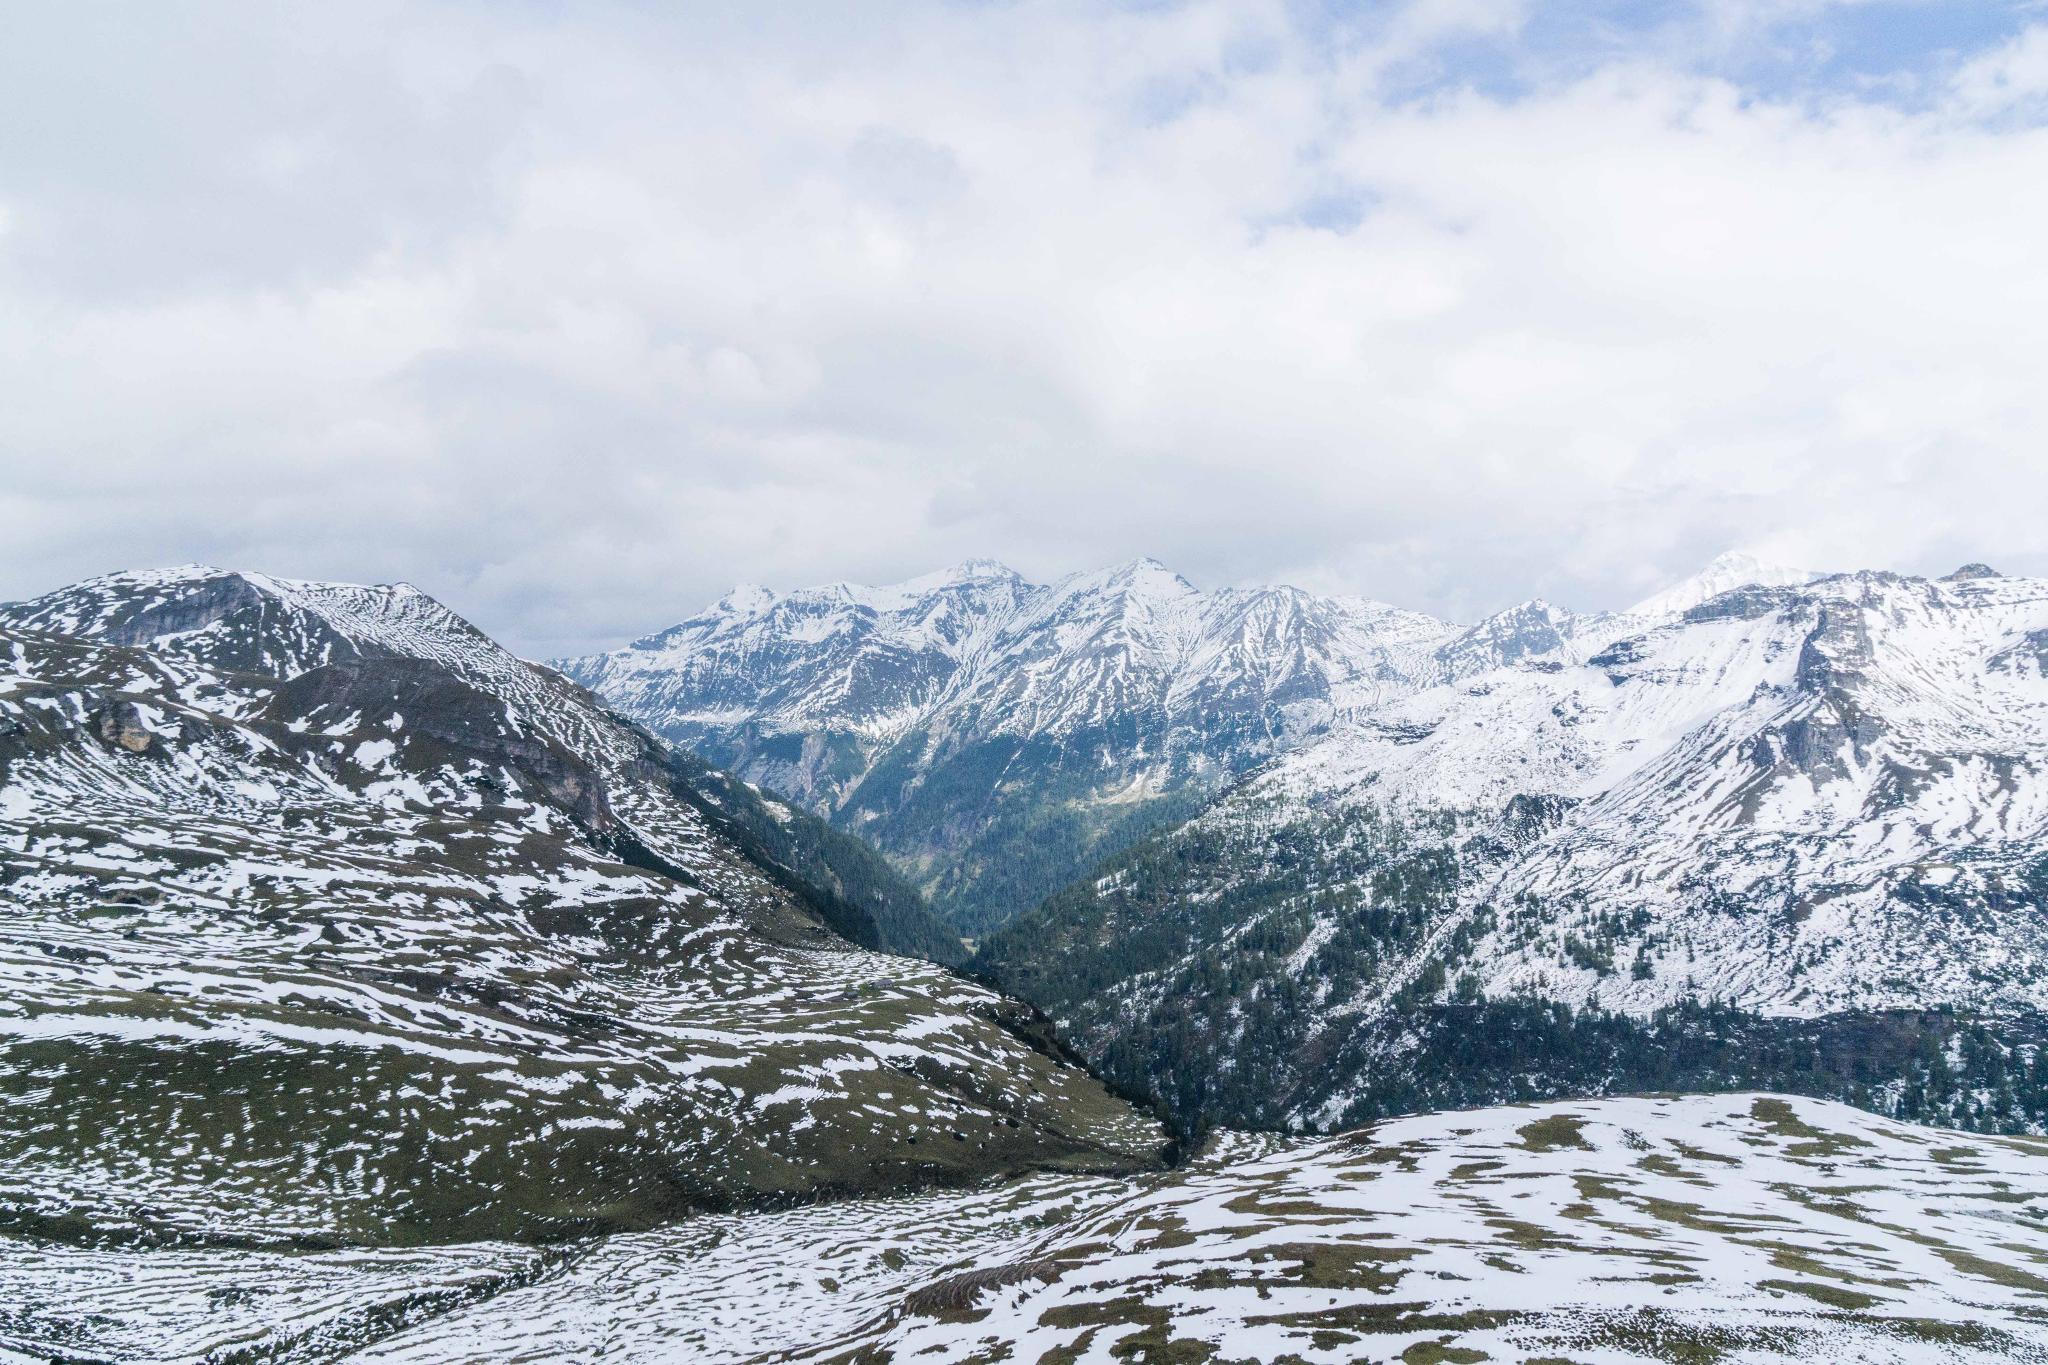 【奧地利】穿越阿爾卑斯之巔 — 奧地利大鐘山冰河公路 (Grossglockner High Alpine Road) 49